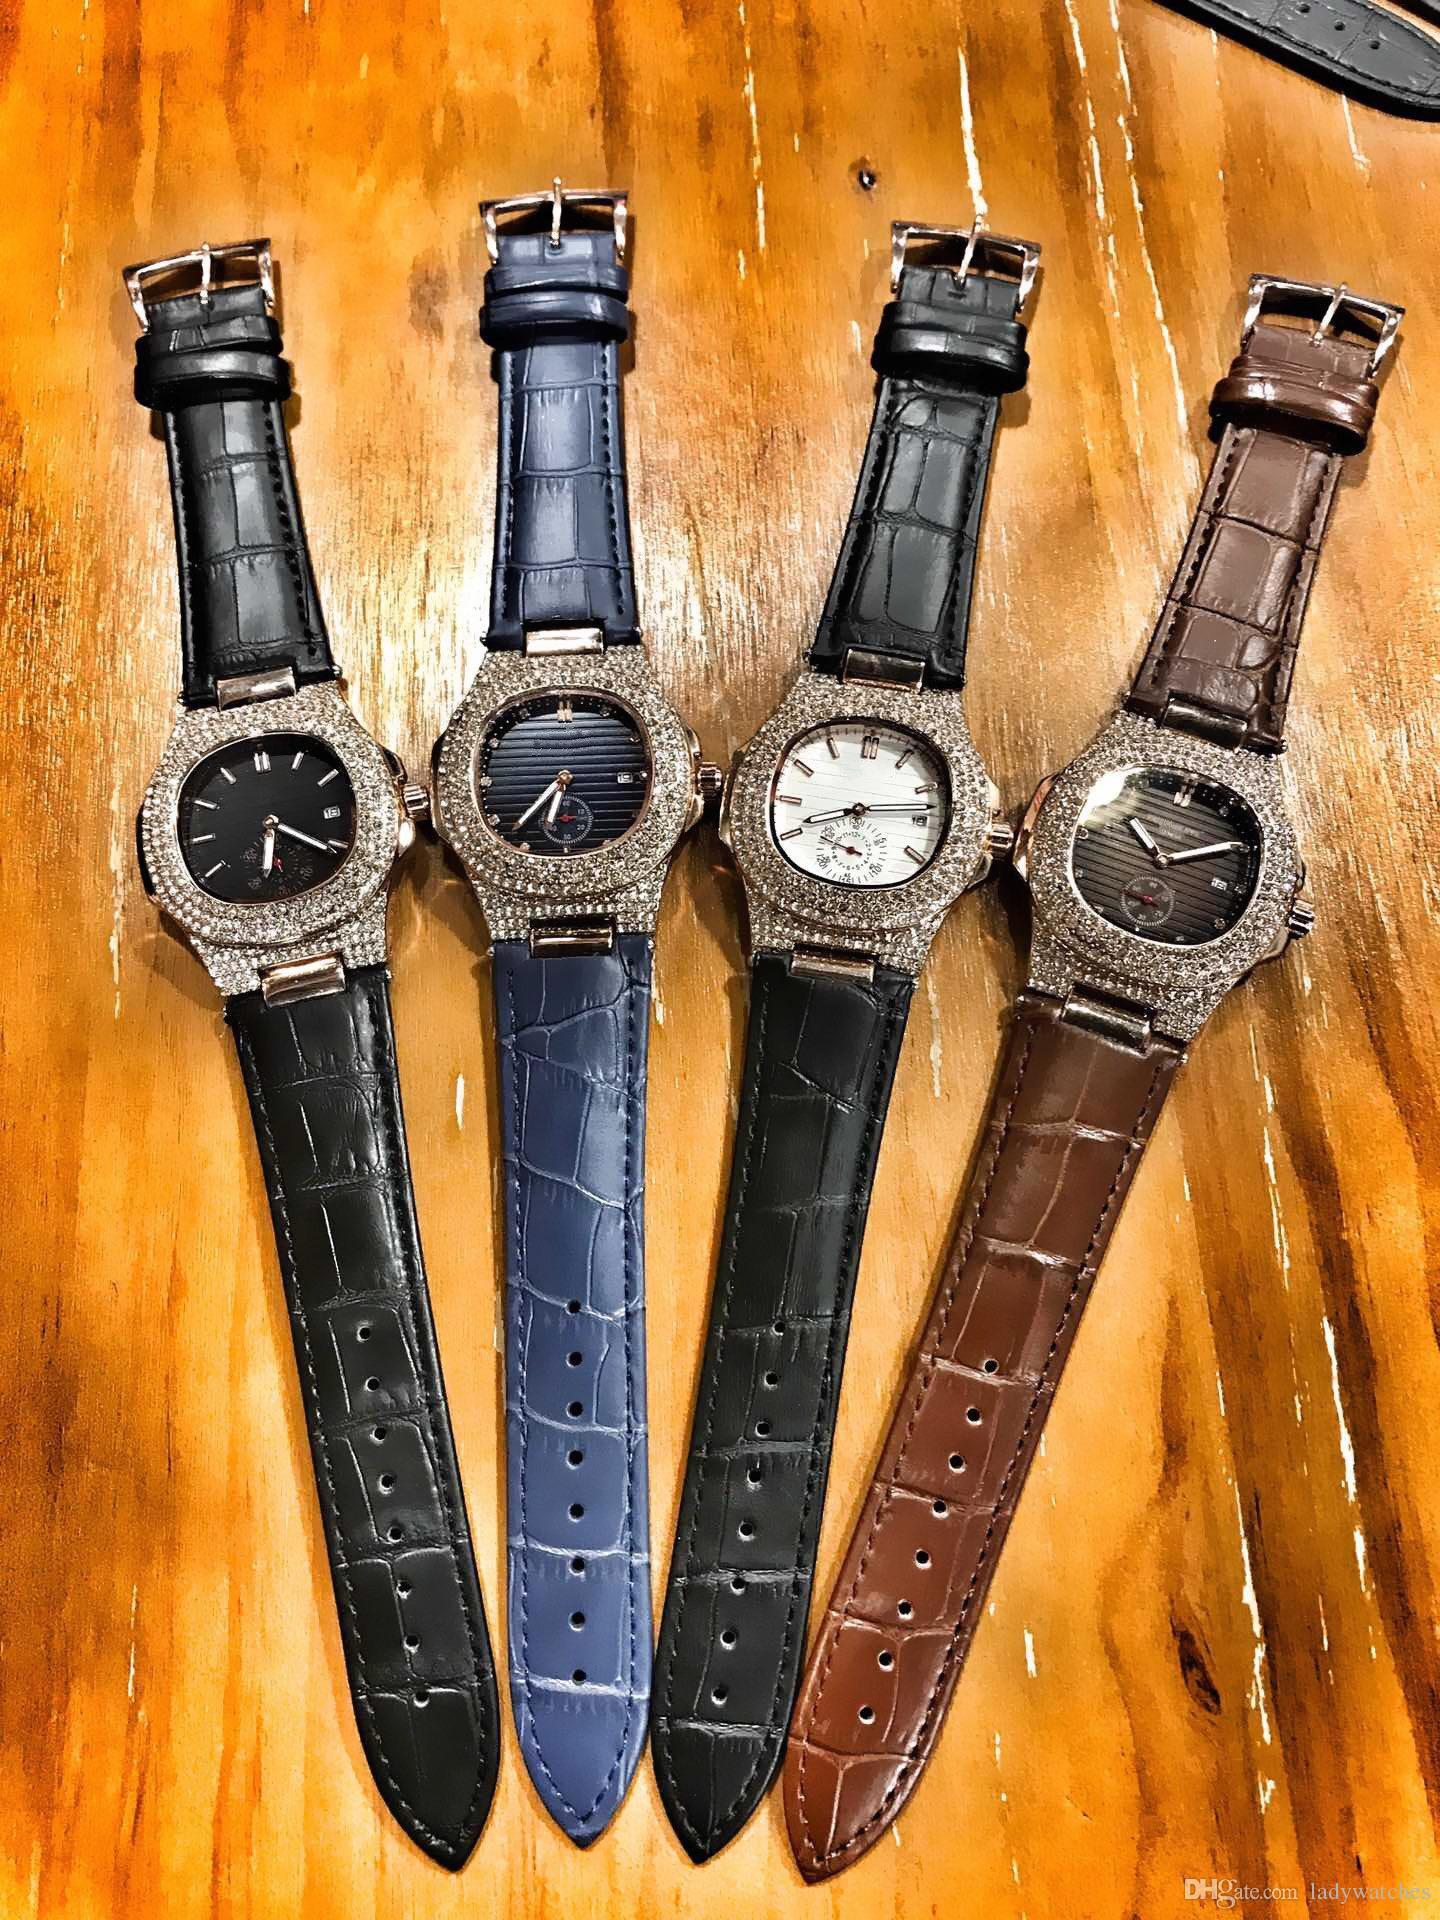 911c2f68d2f7 Compre Mujeres Hombres Relojes Clásico Relojes Antiguos Buena Correa De  Cuero De Acero Inoxidable De Cuarzo Mov Hombre Relojes Con Caja De Regalo A   101.53 ...